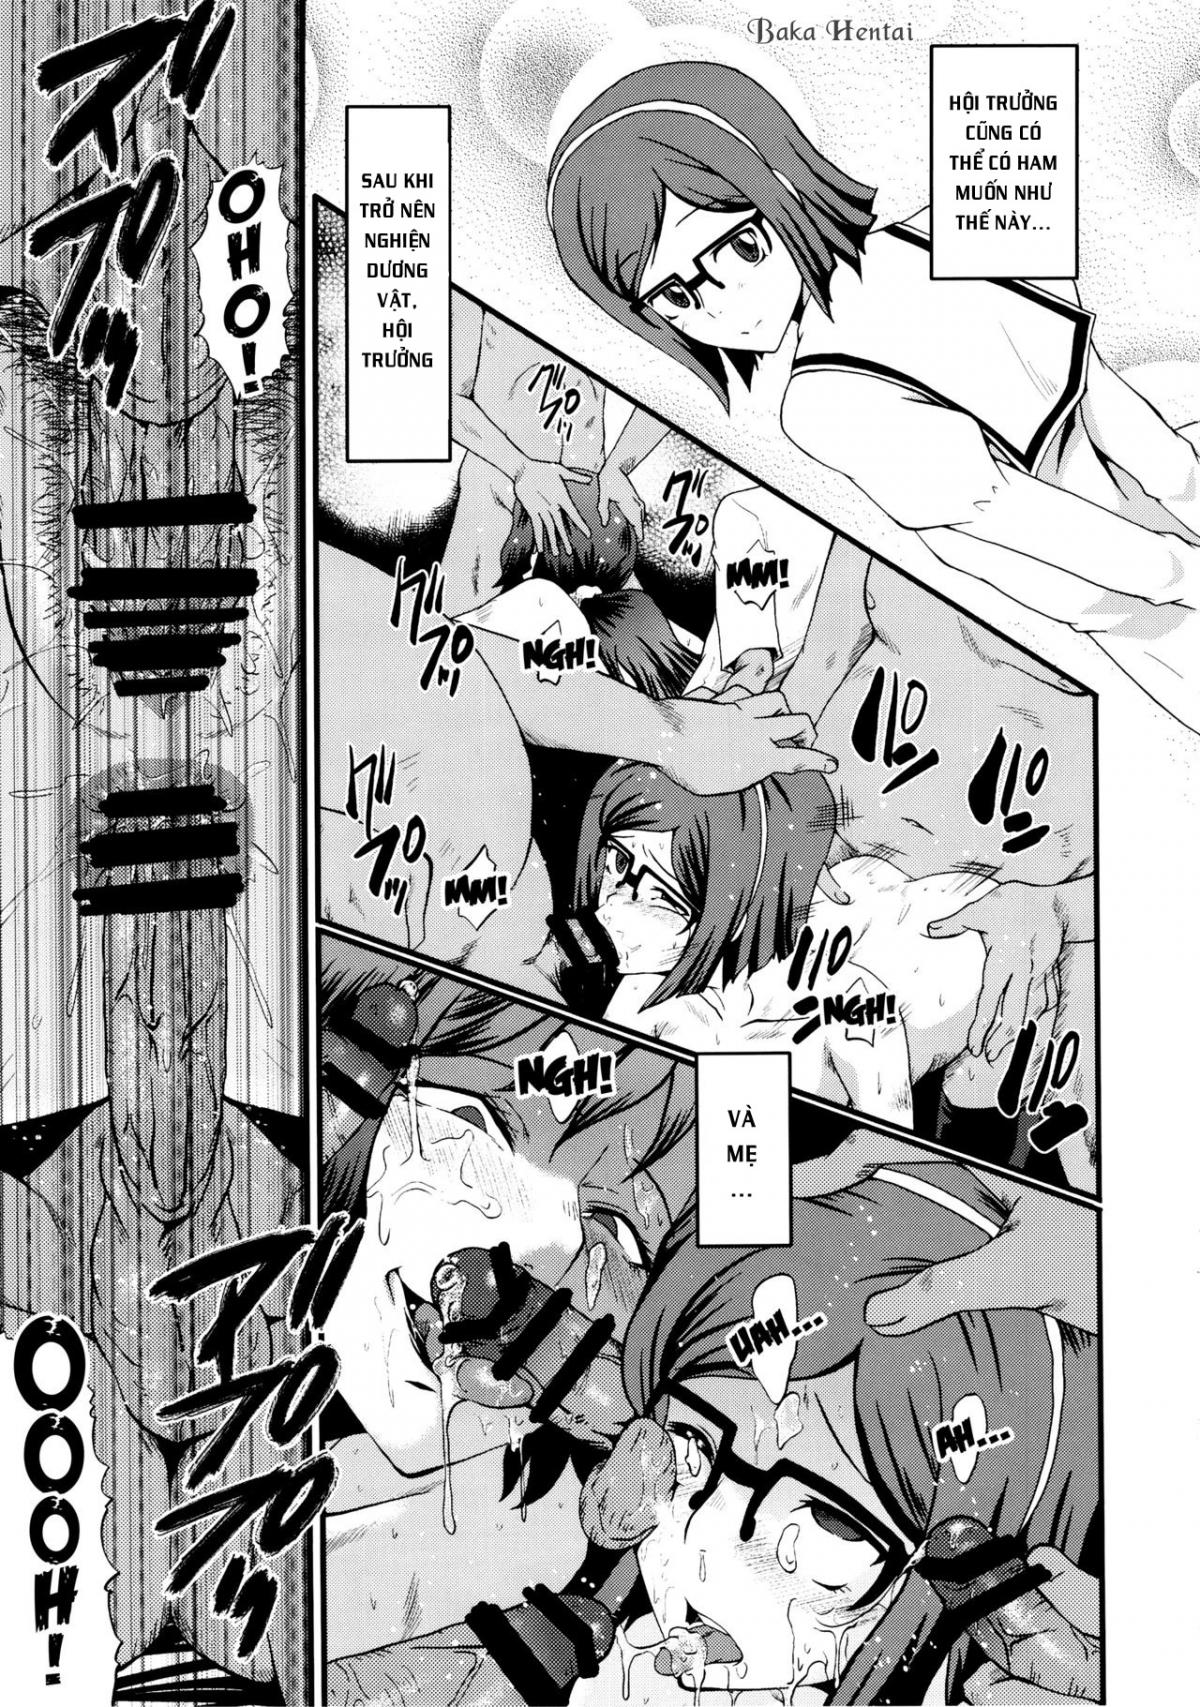 HentaiVN.net - Ảnh 19 - Kaa-san wa Boku ga Shiranai Uchi ni Omanko ni DoHamari shite mashita (Gundam Build Fighters) - Urabambi 49 ~Kaa-San Wa Boku Ga Shiranai Uchi Ni Omanko Ni DoHamari Shite Mashita. - Oneshot